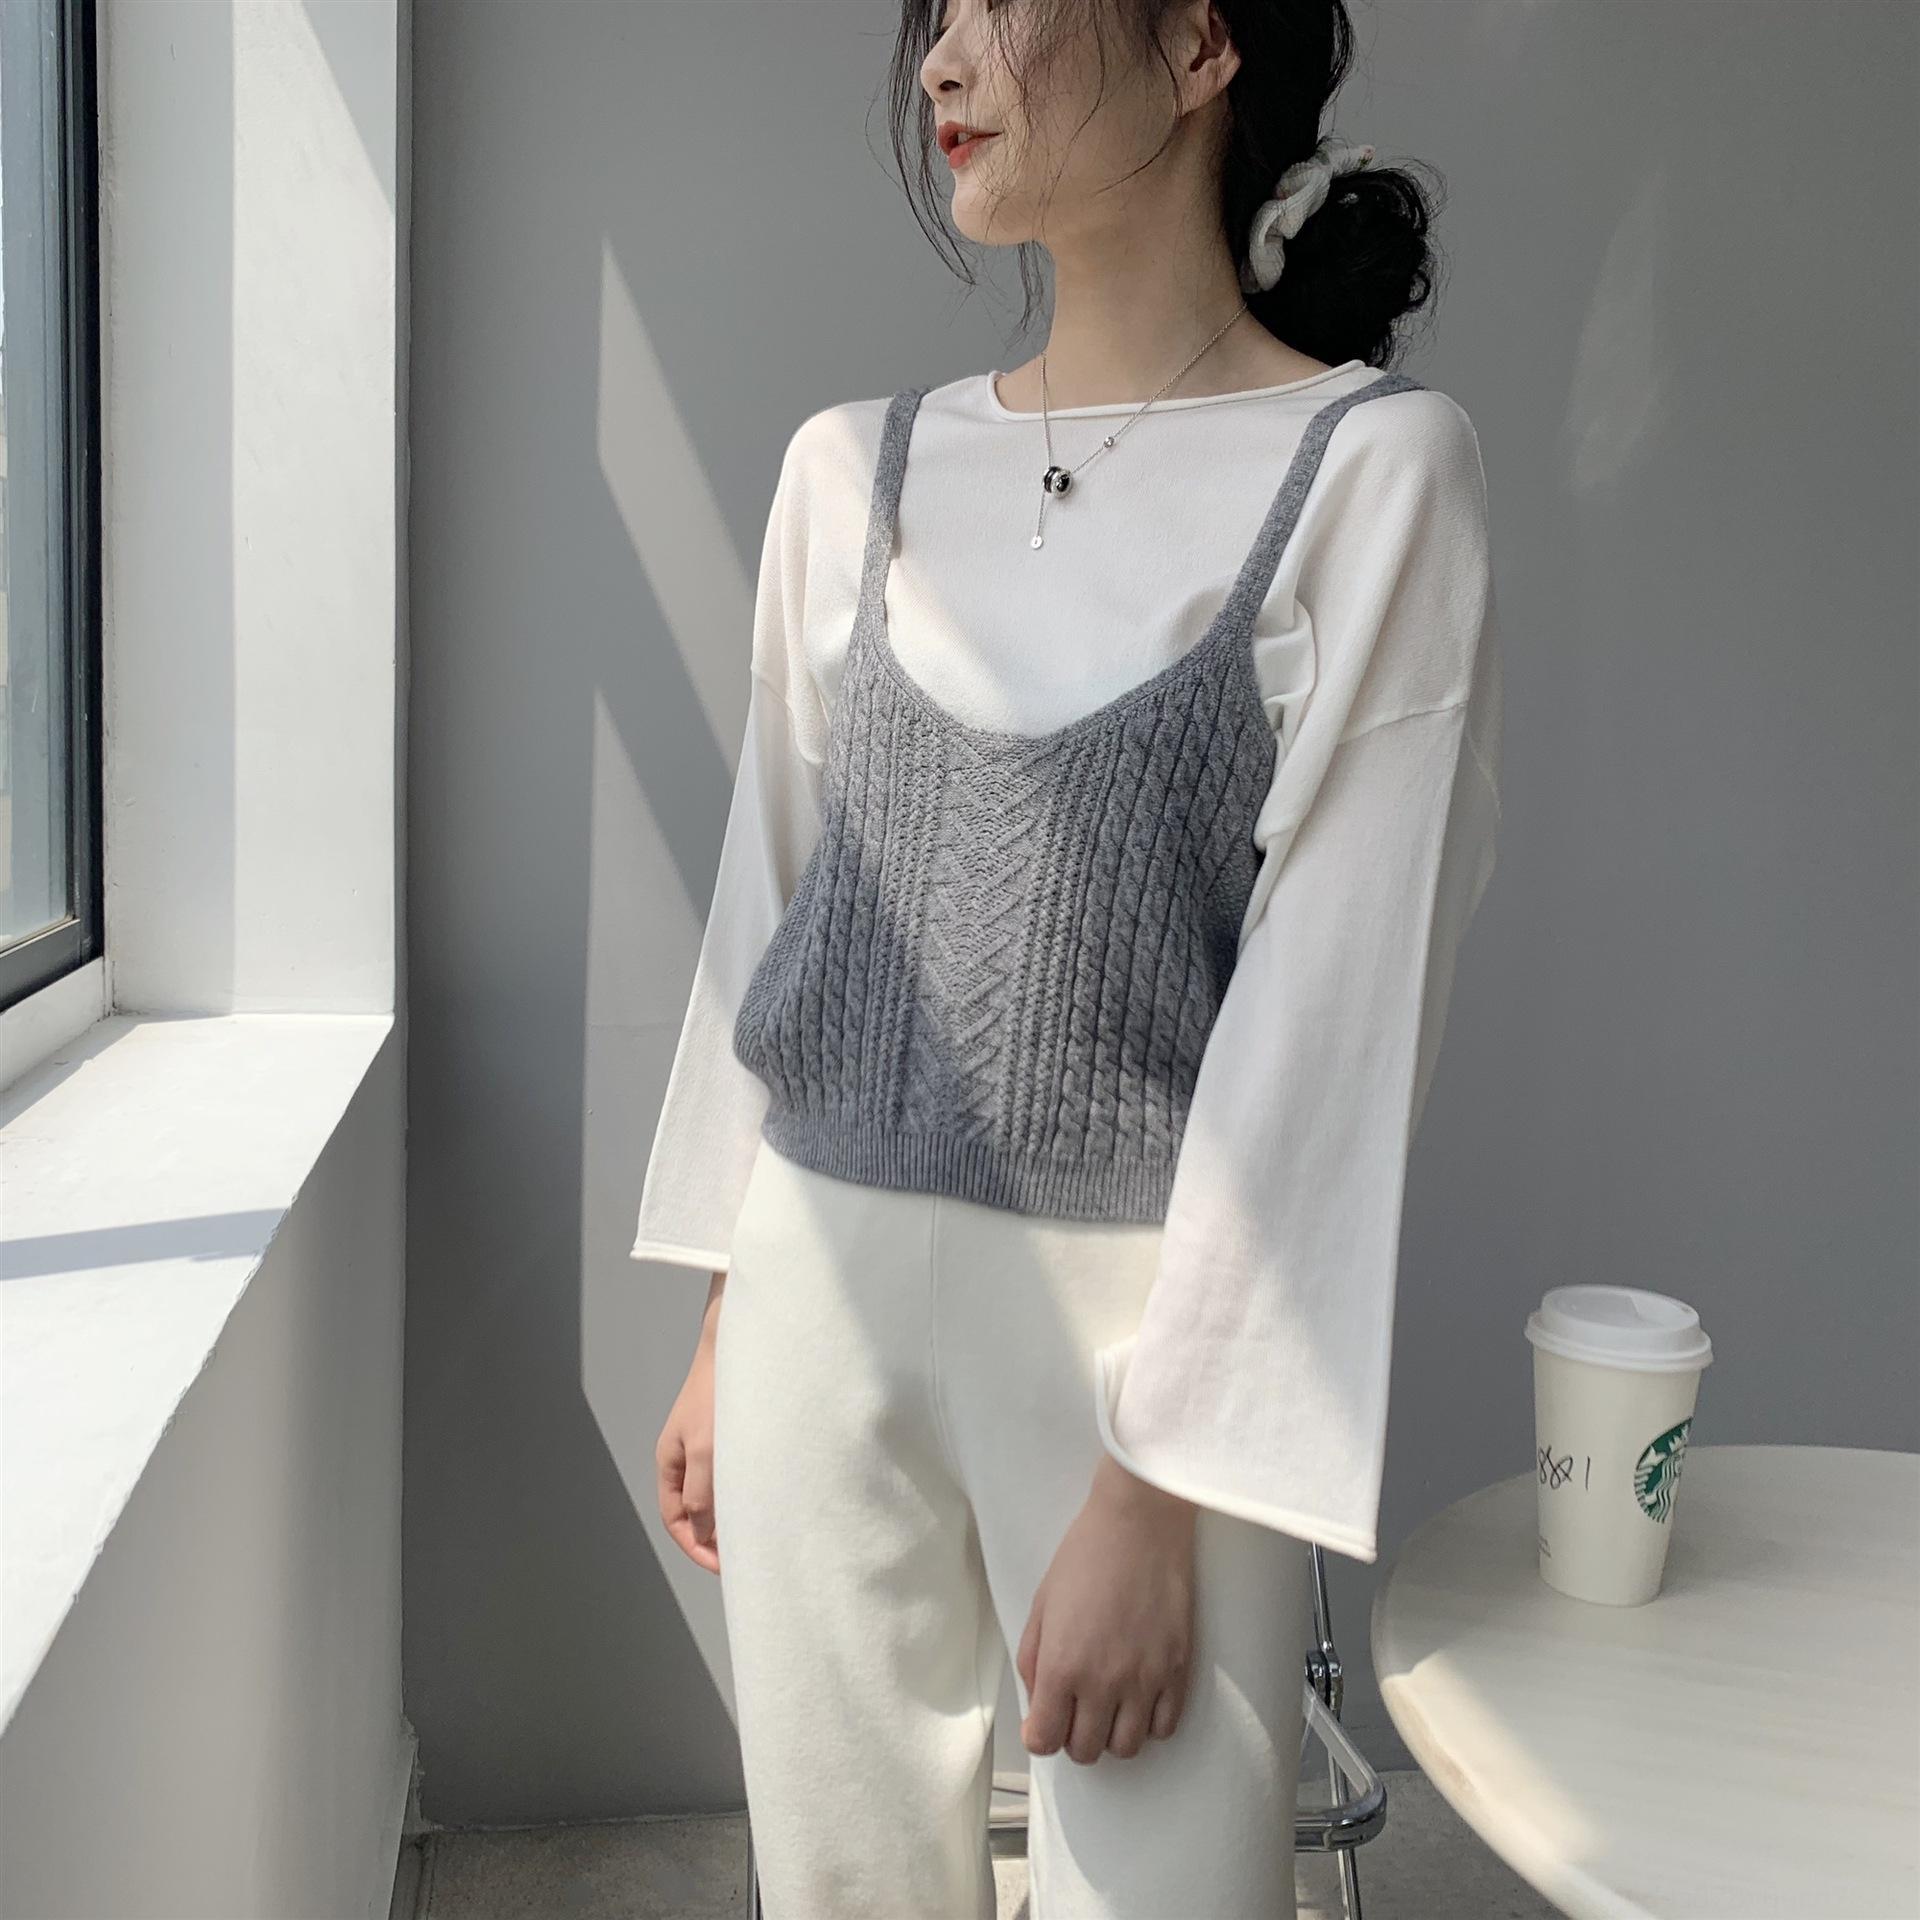 Kadınlar için kısa dış yelek yelek Jia Zhi 8-8012 düz renk basit V yaka büküm sapan örme gömlek Kısa ceket Kaşkorse